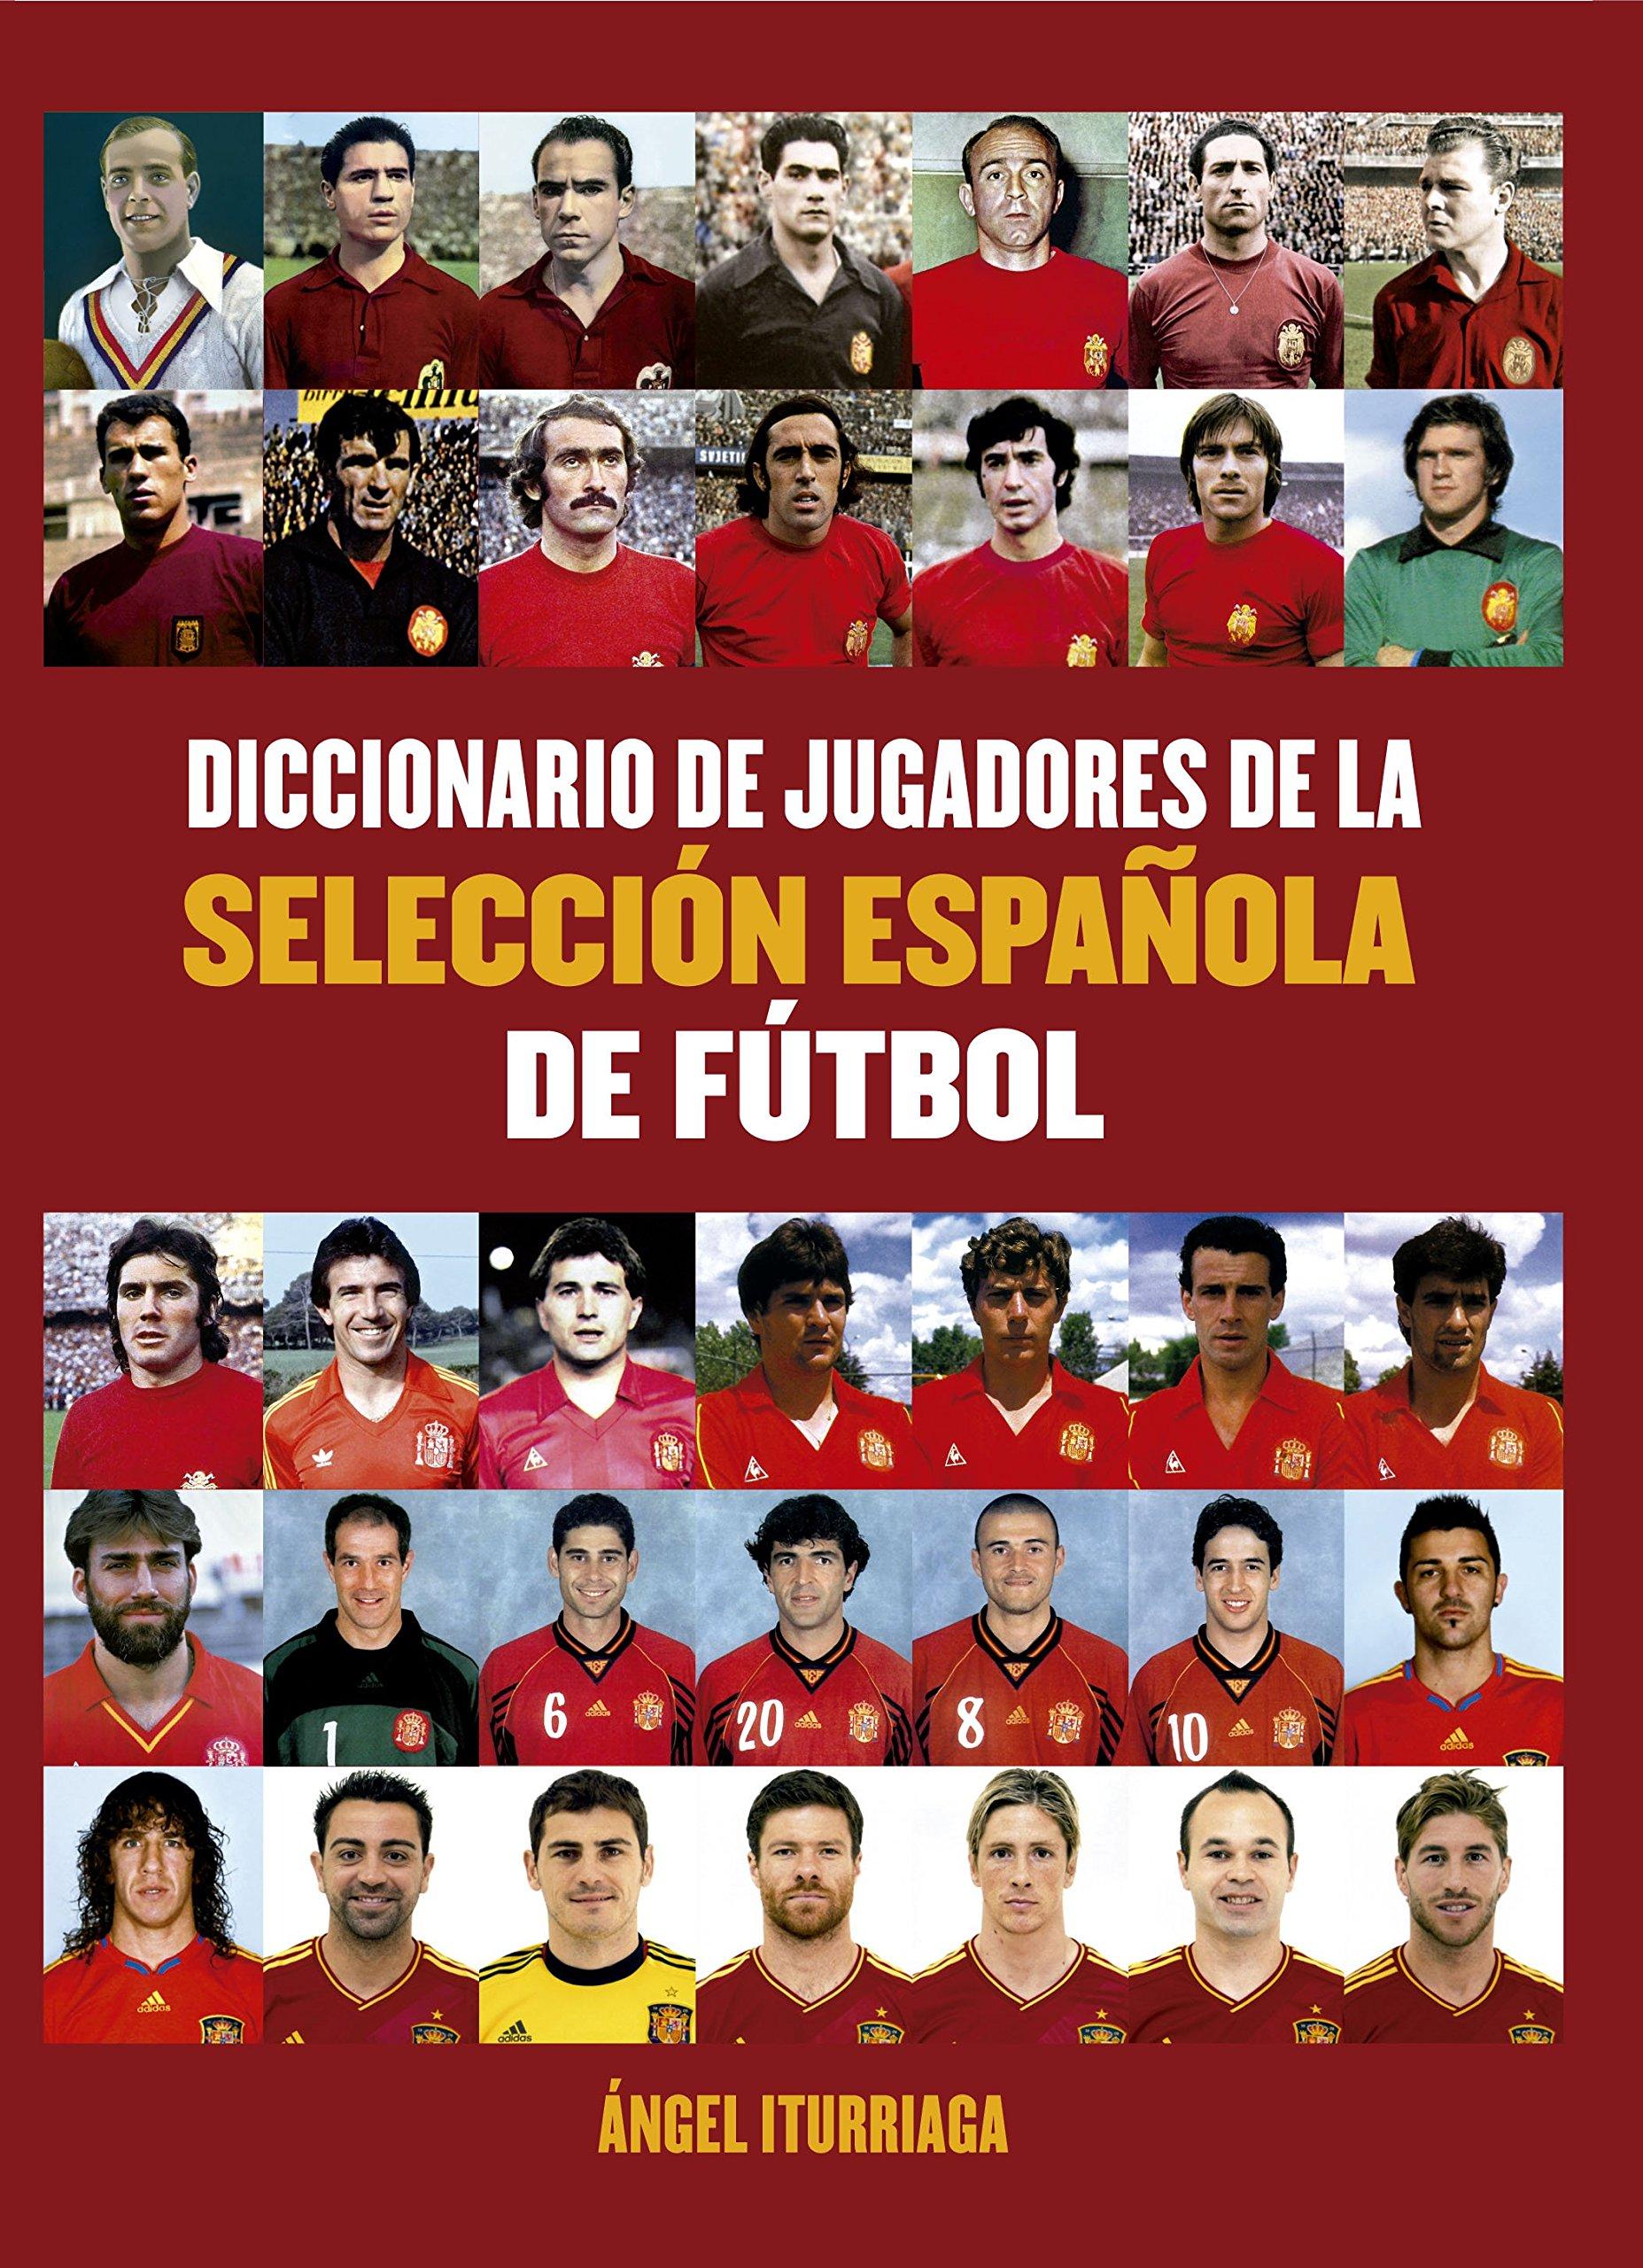 Diccionario de jugadores de la selección española de futbol ...